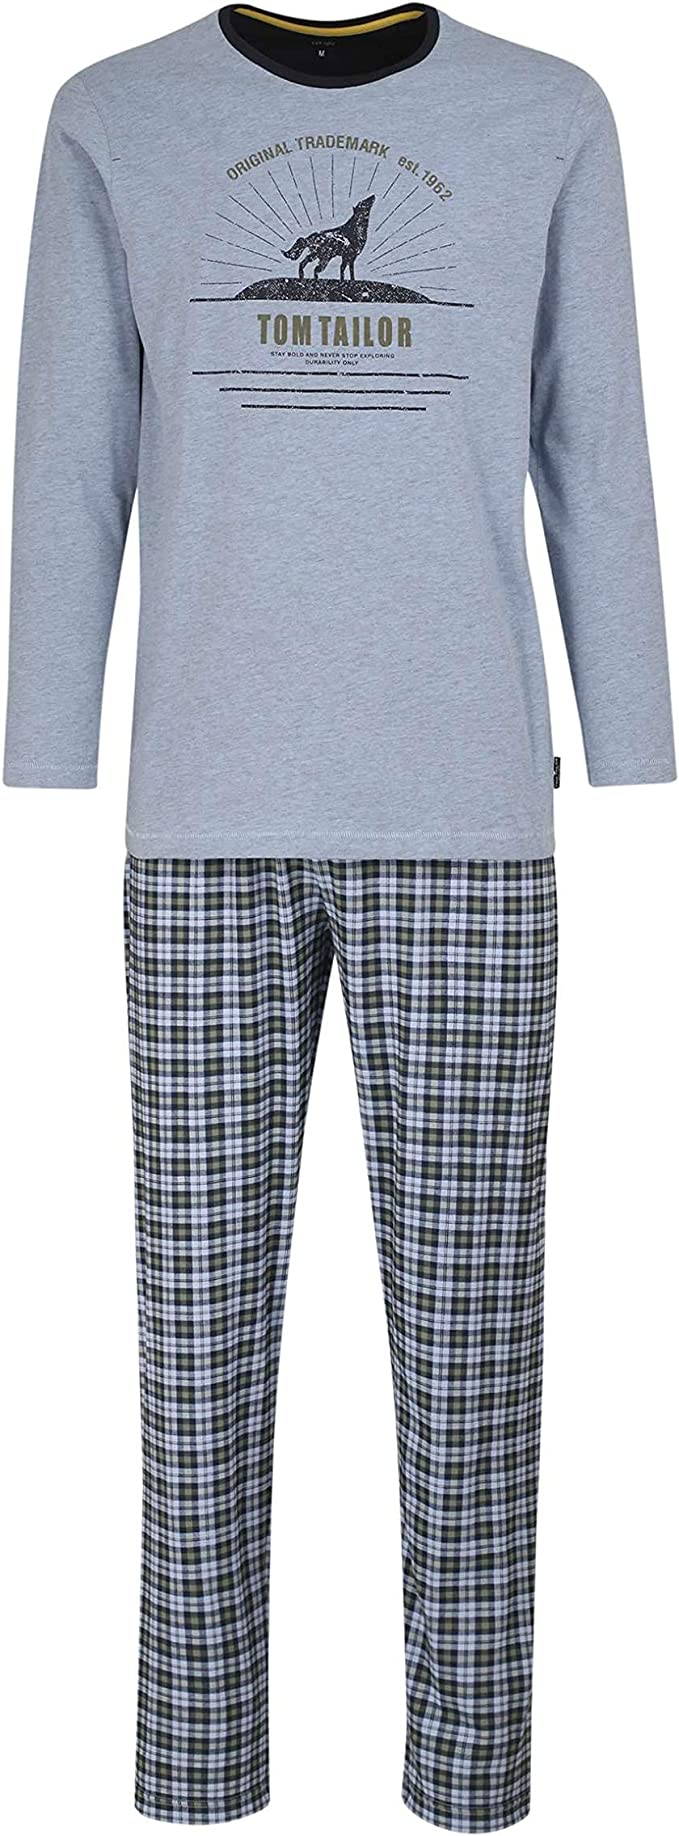 TOM TAILOR Pijama para hombre, color azul, 1 unidad: Amazon ...